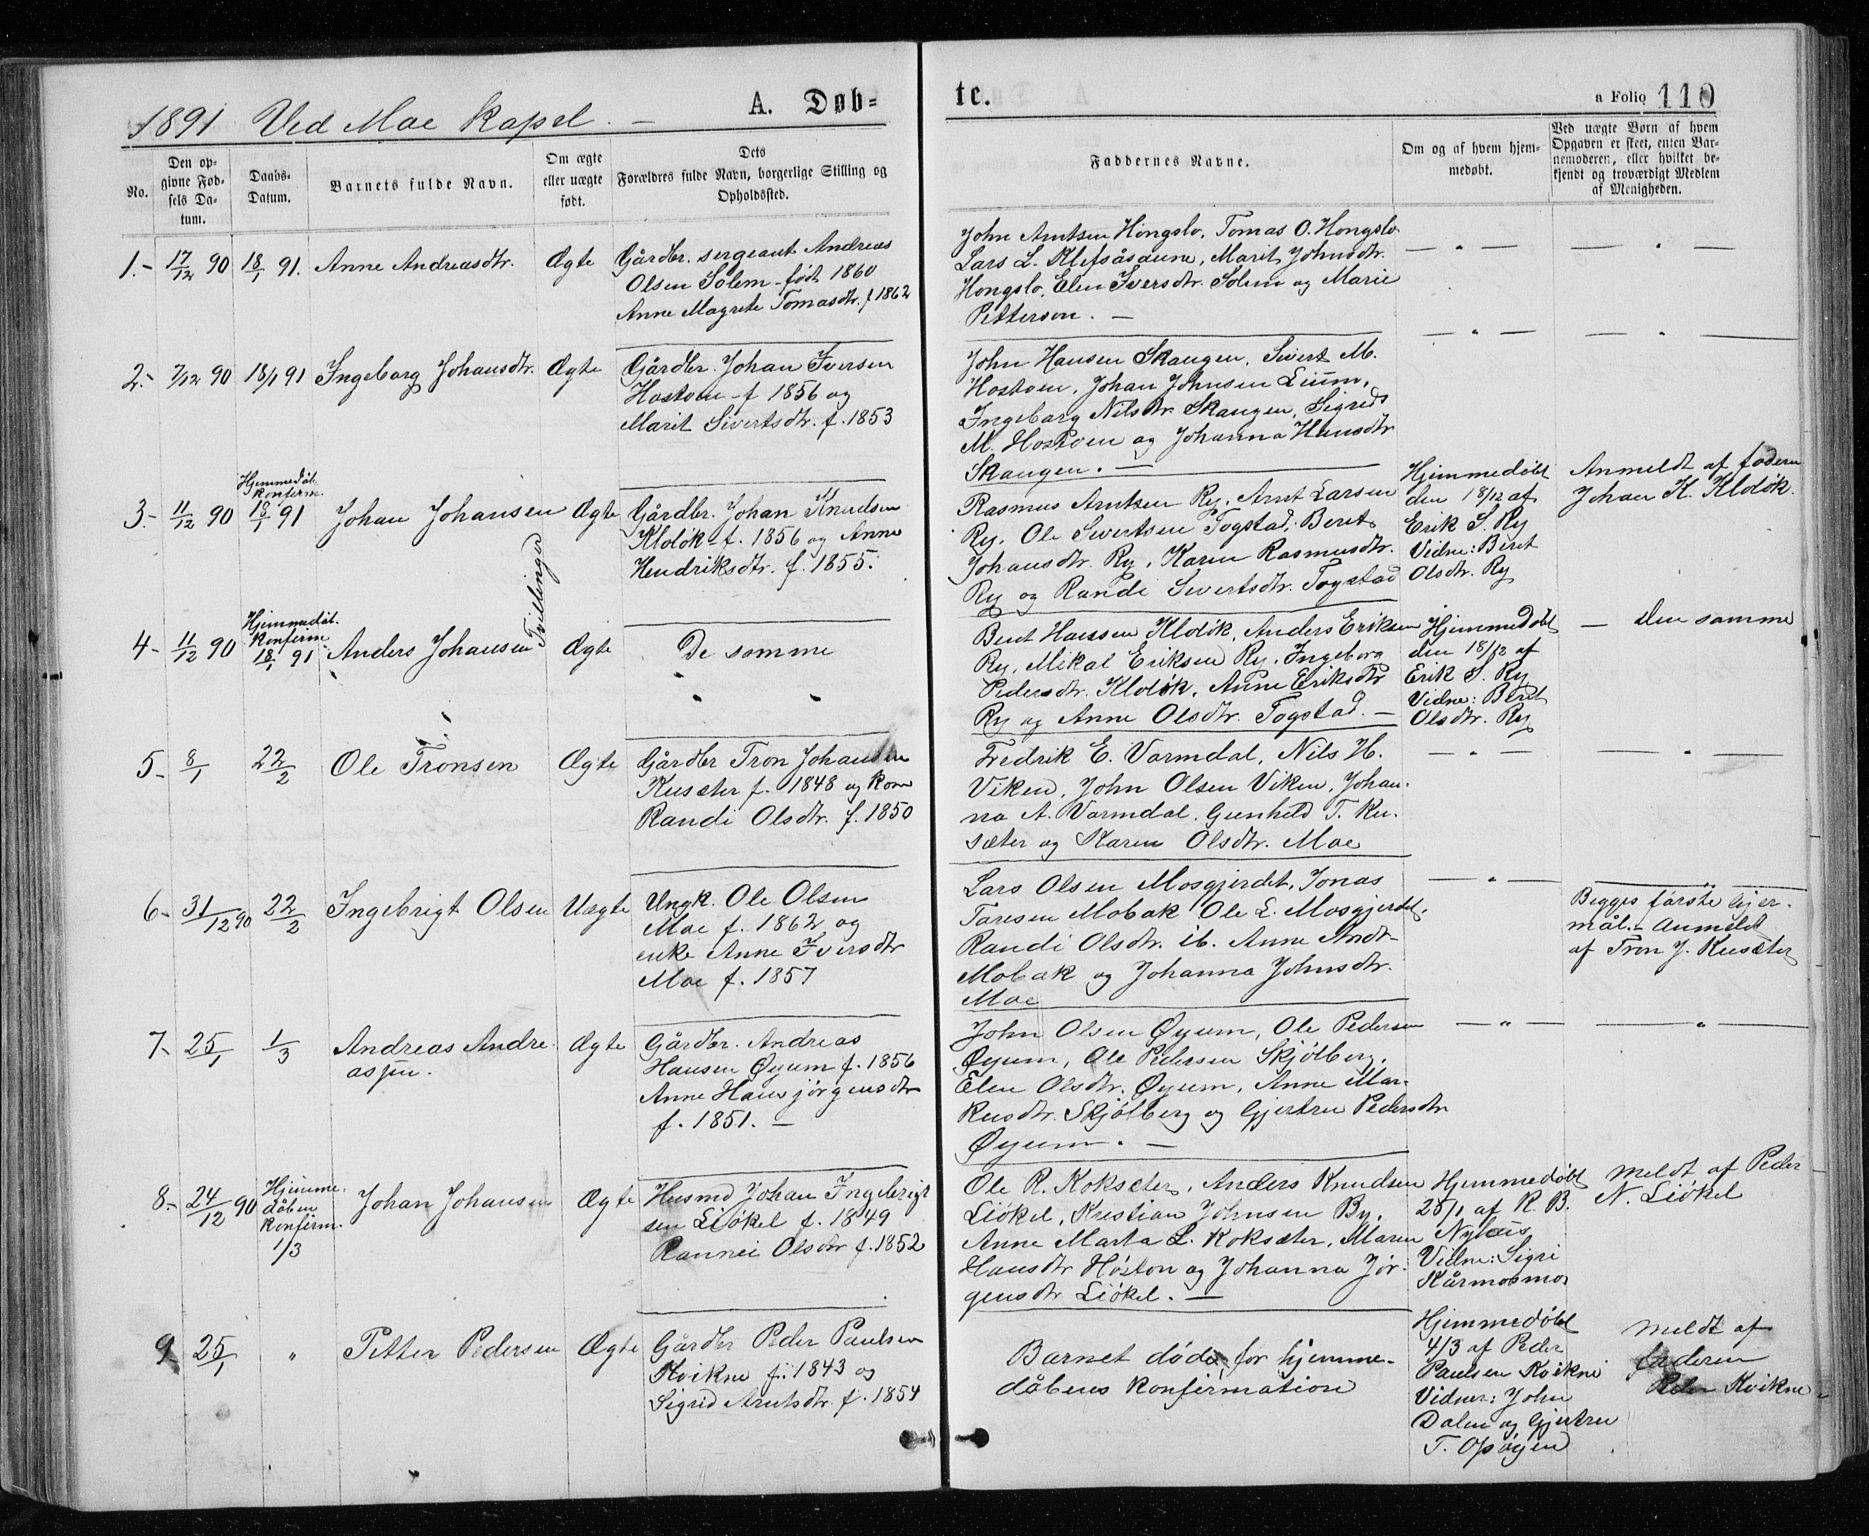 SAT, Ministerialprotokoller, klokkerbøker og fødselsregistre - Sør-Trøndelag, 671/L0843: Klokkerbok nr. 671C02, 1873-1892, s. 110